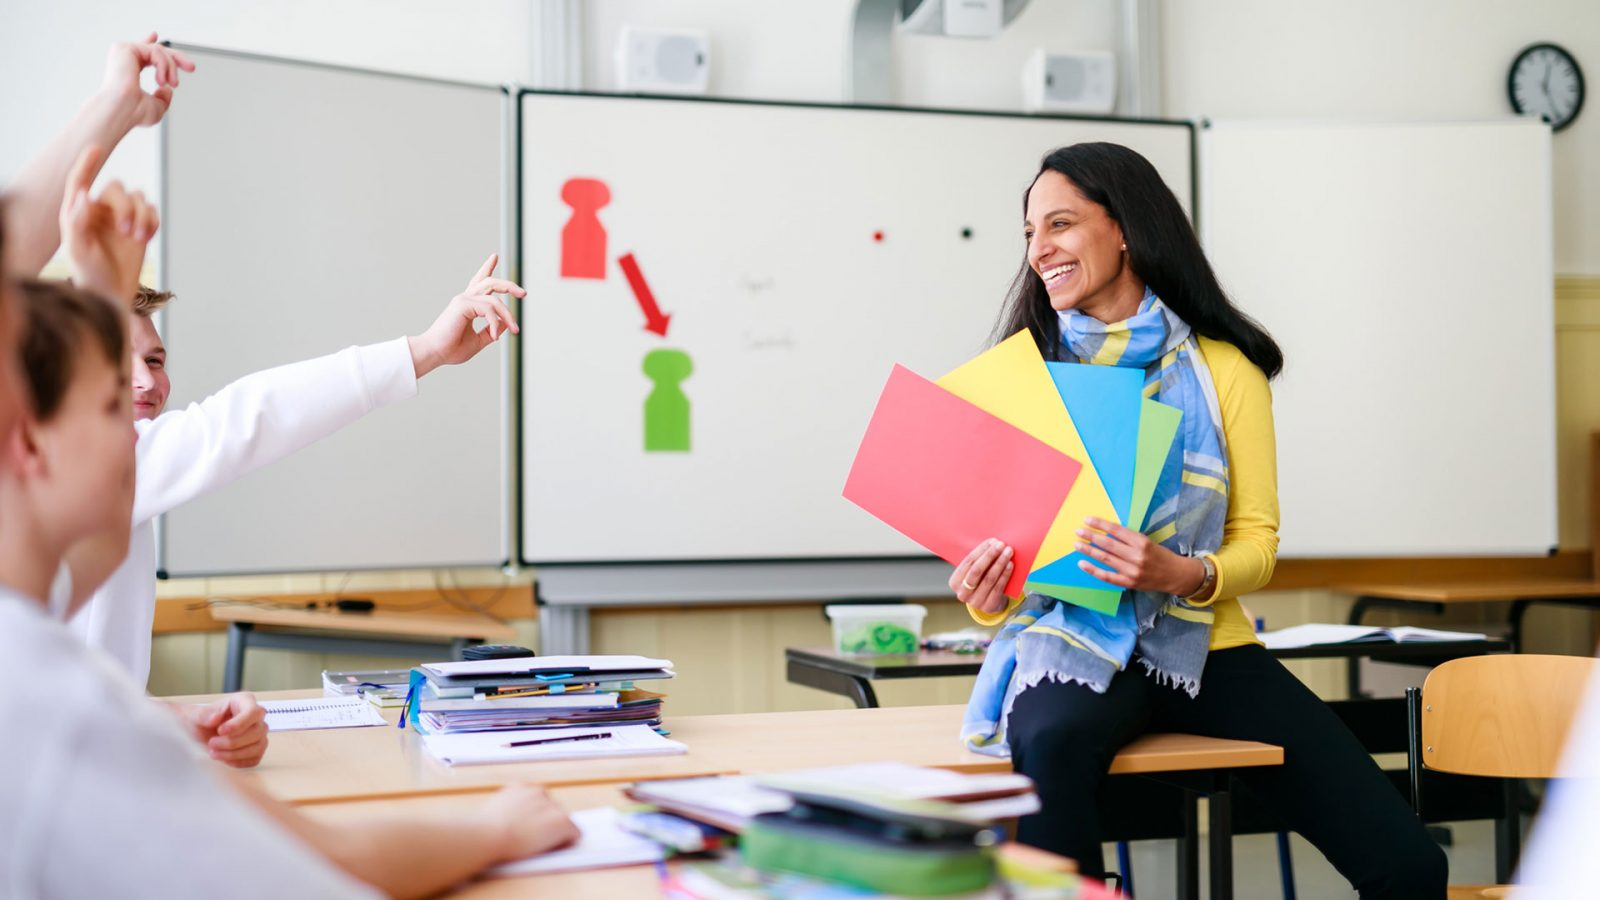 Internat-Schule-Lehrer-Stellenagebote